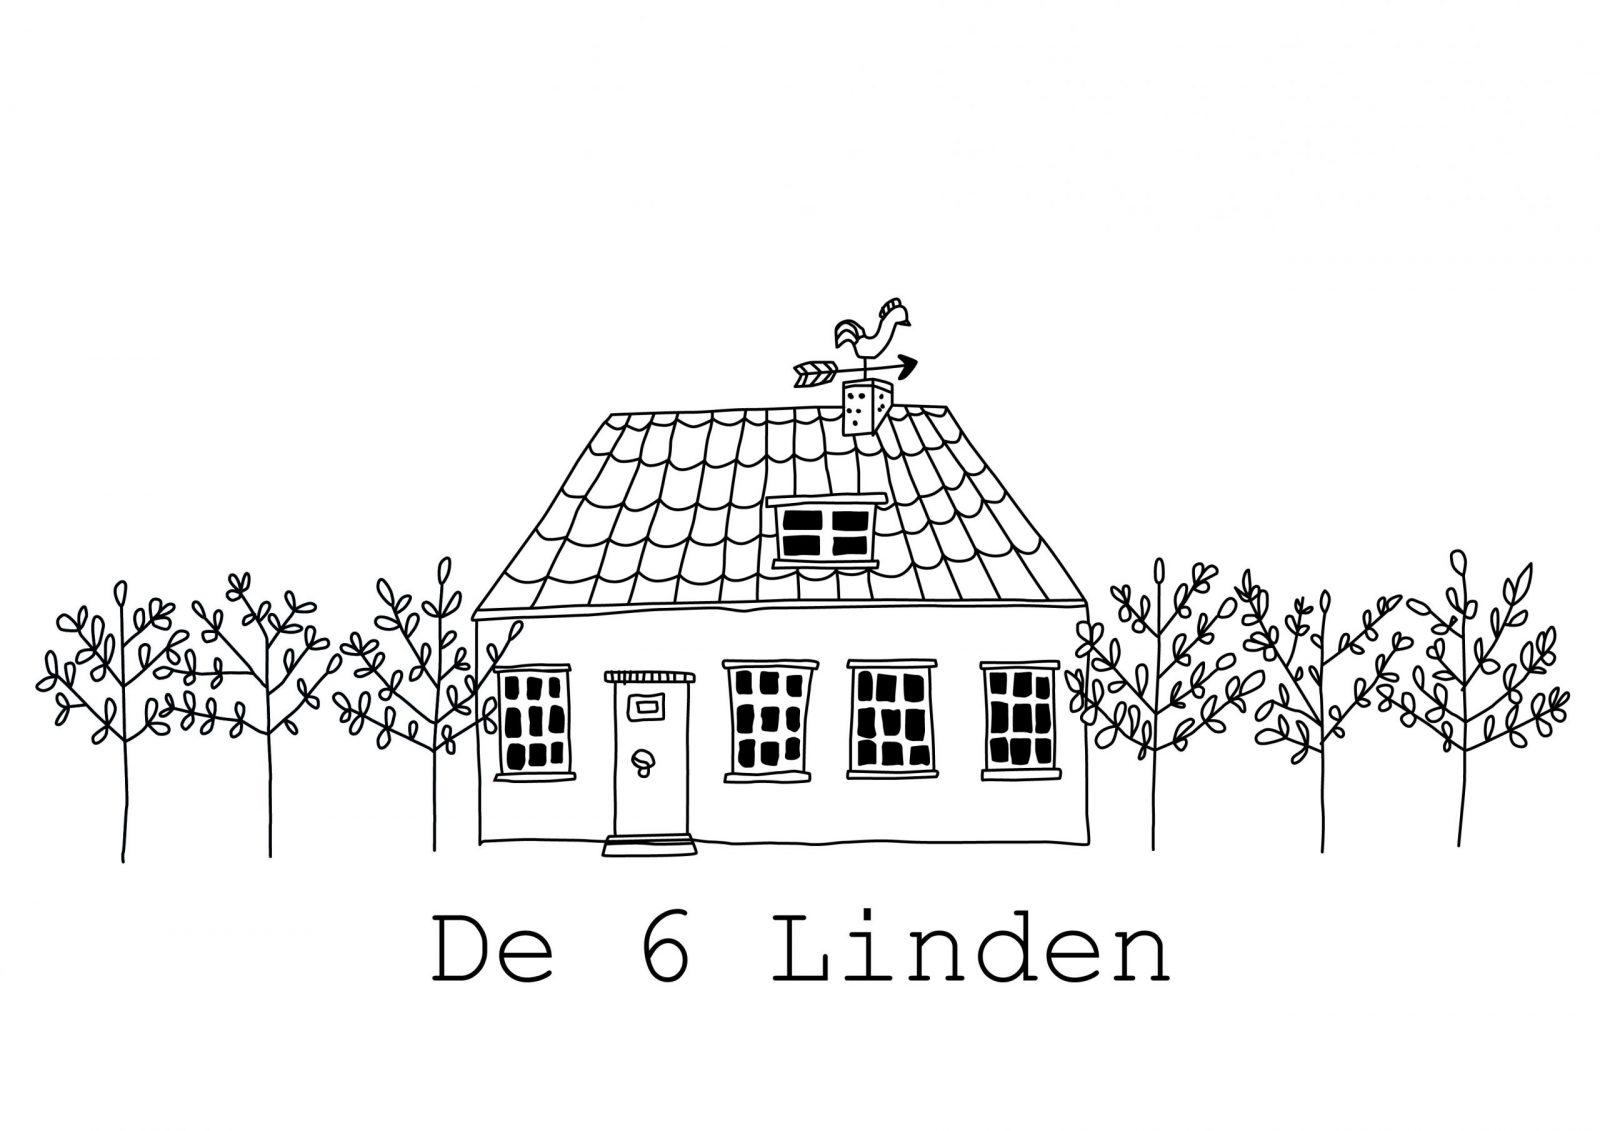 De 6 Linden